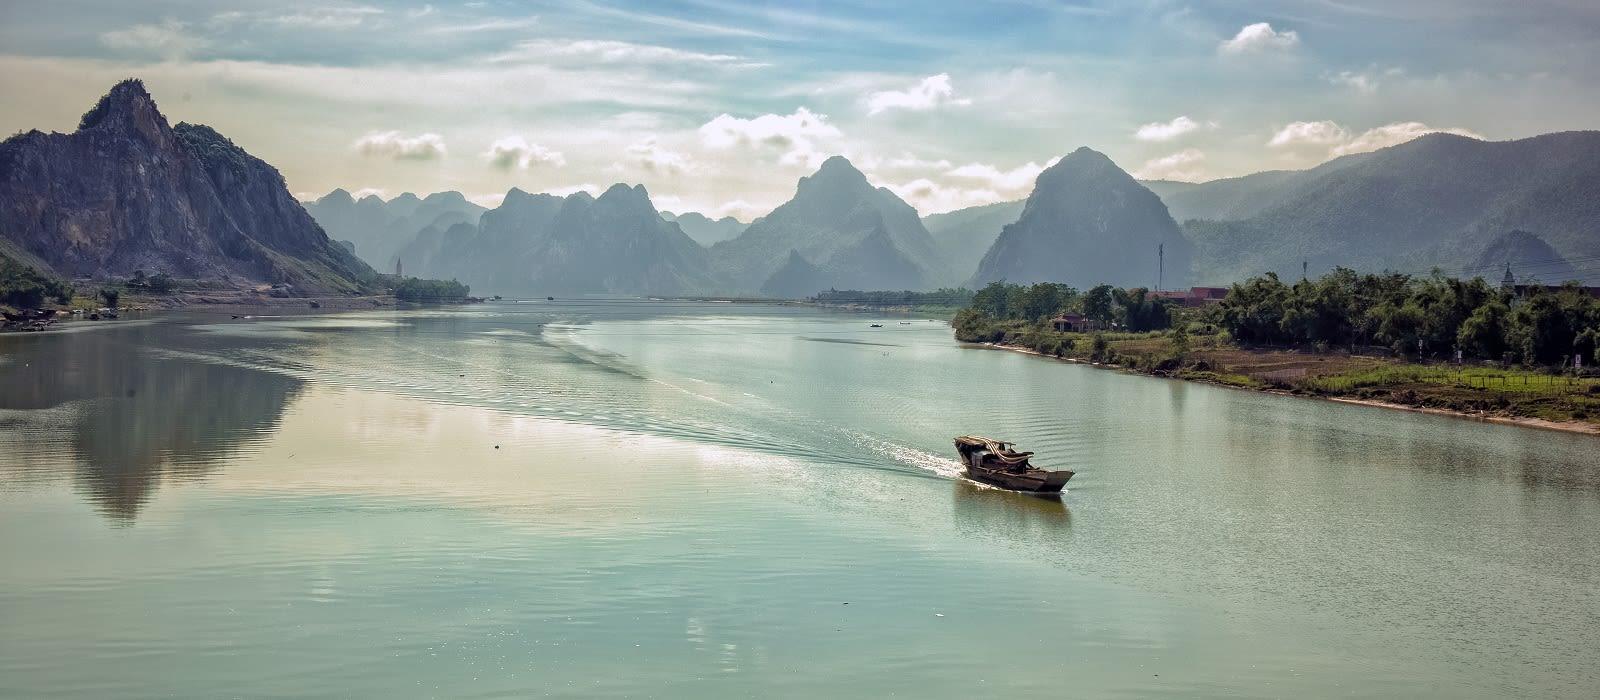 Destination Quang Binh Vietnam